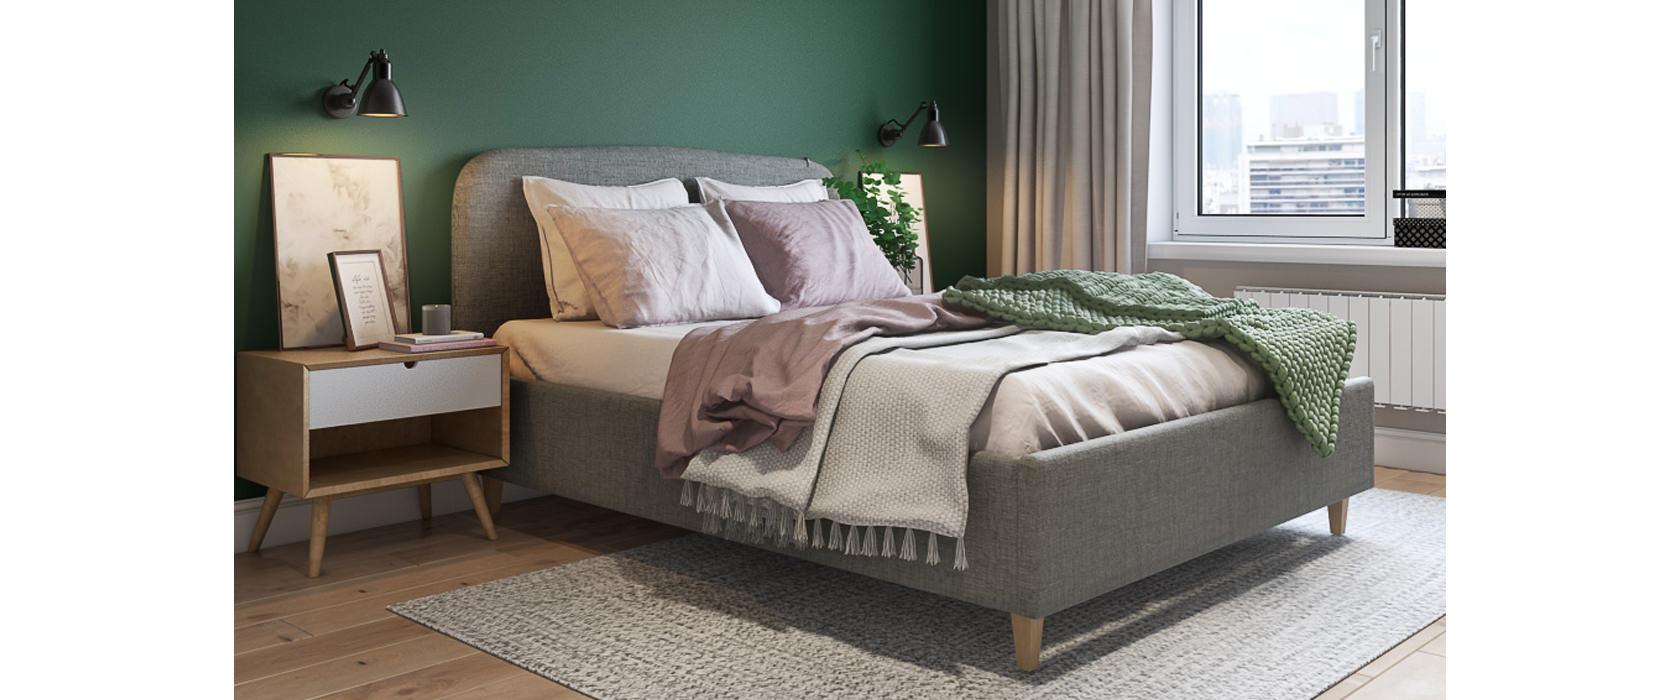 Ліжко Adelina - Фото 1 - Pufetto